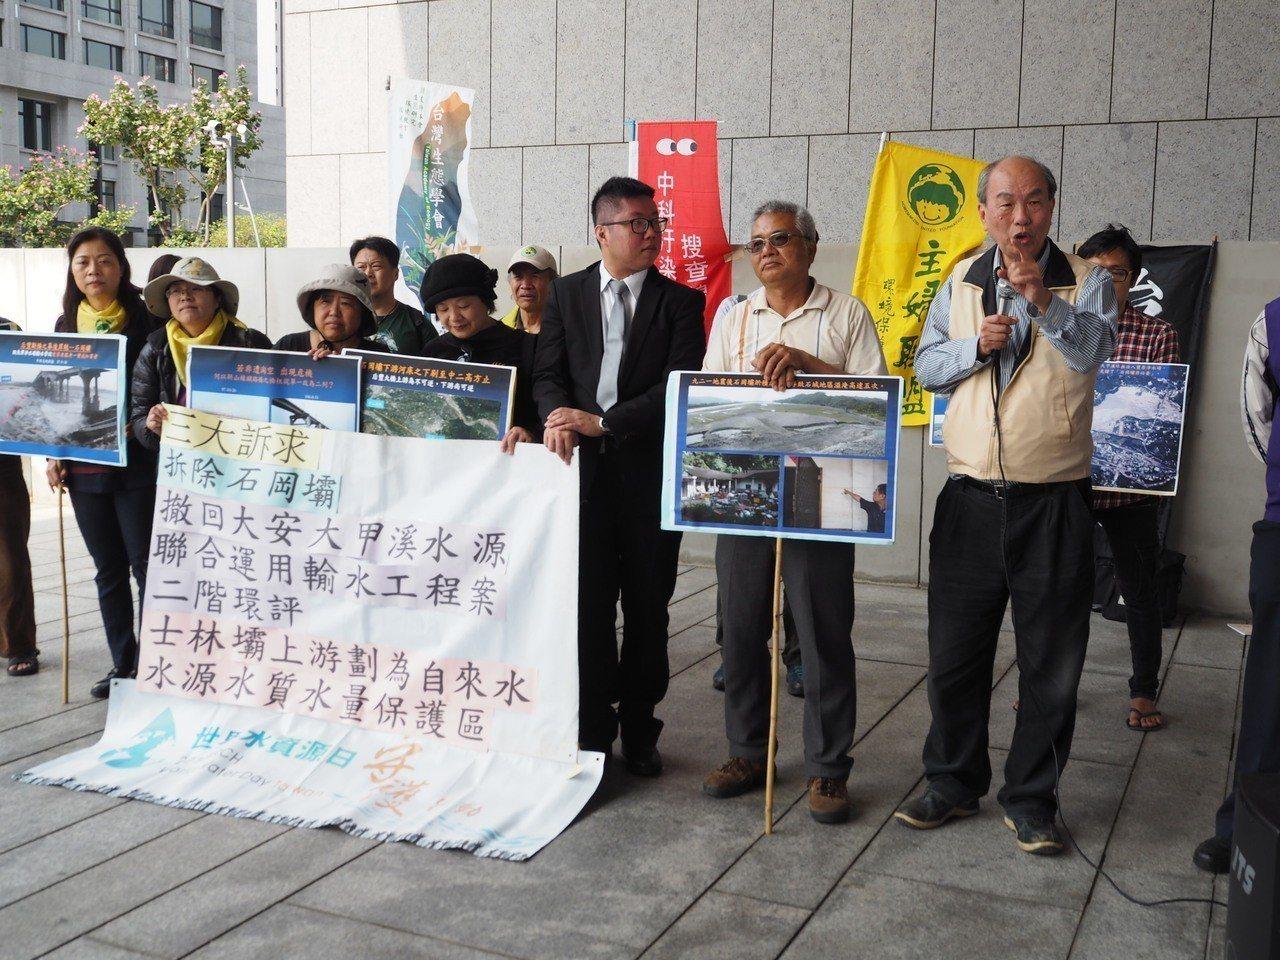 水利署說,若拆除石岡壩無替代方案,將影響大台中民生用水;台灣水資源聯盟學術委員張...